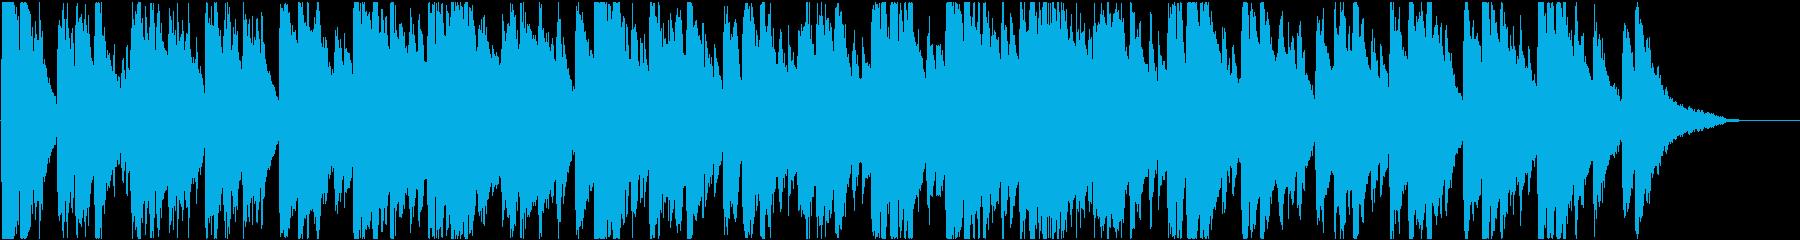 バロック・格調・優雅・明るい・チェンバロの再生済みの波形